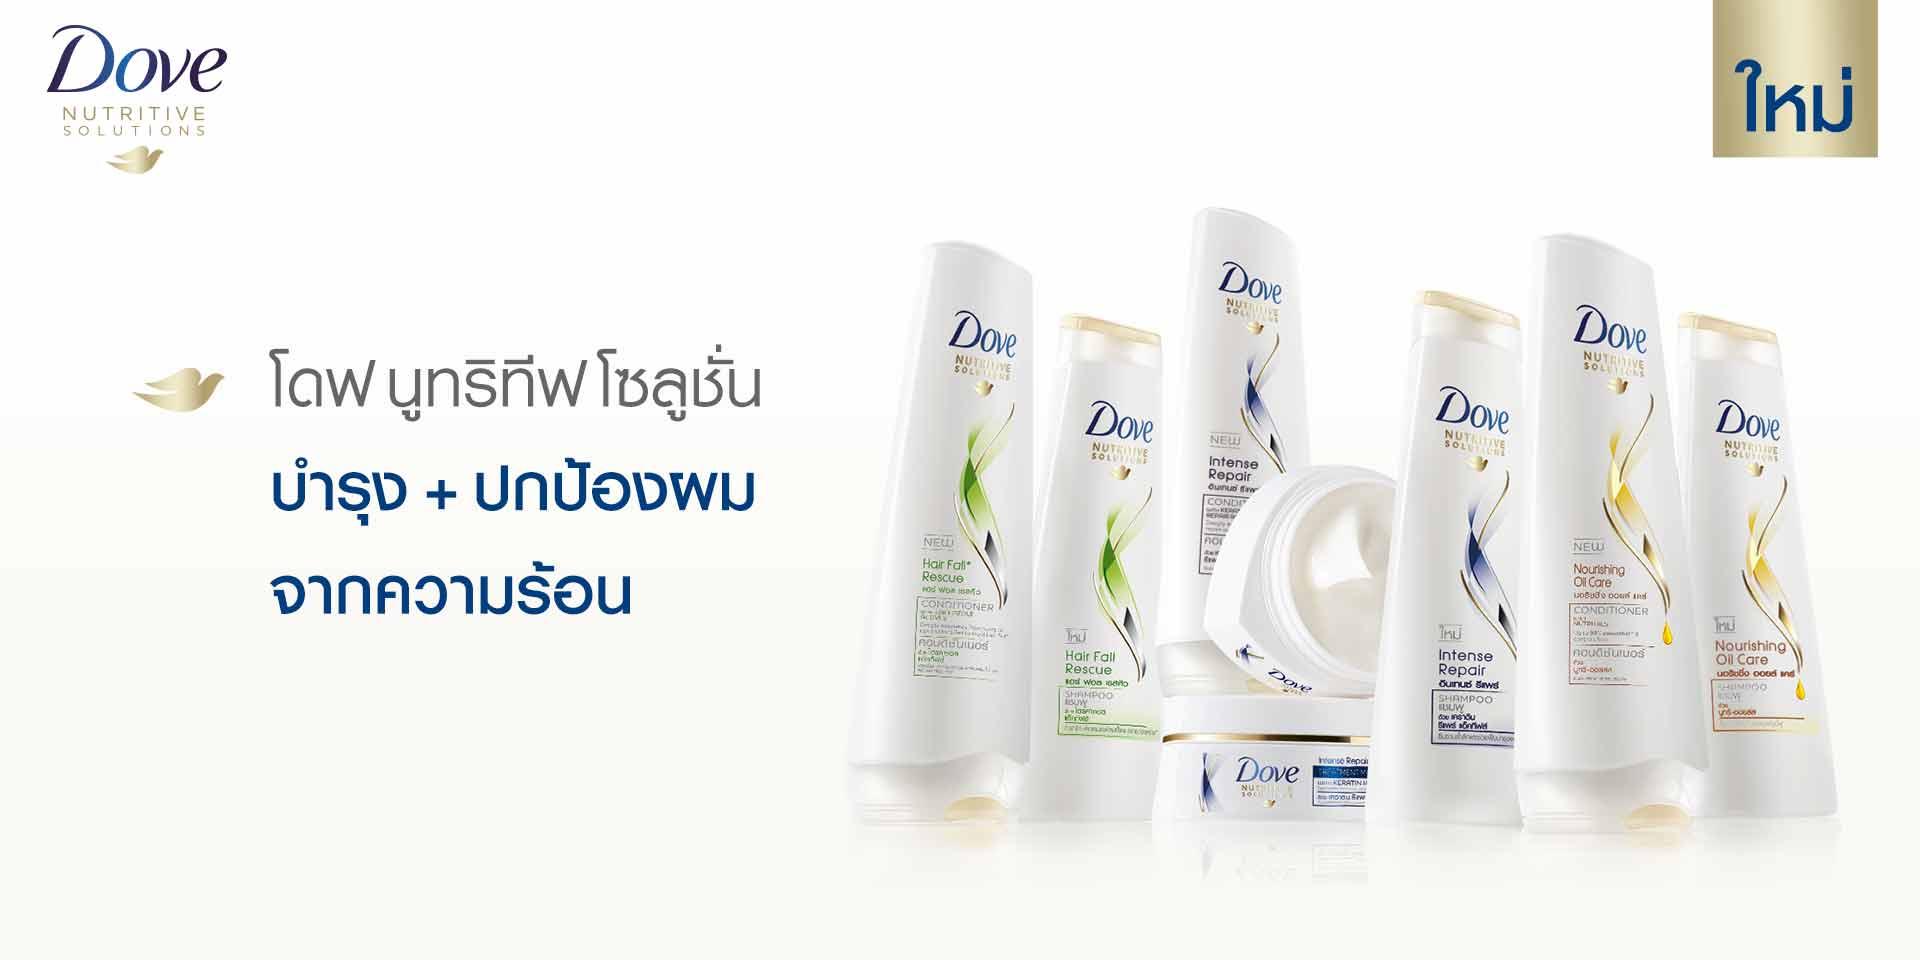 มั่นใจ! Dove Nutritive Solutions ปกป้องผมสวยจากความร้อนได้จริง